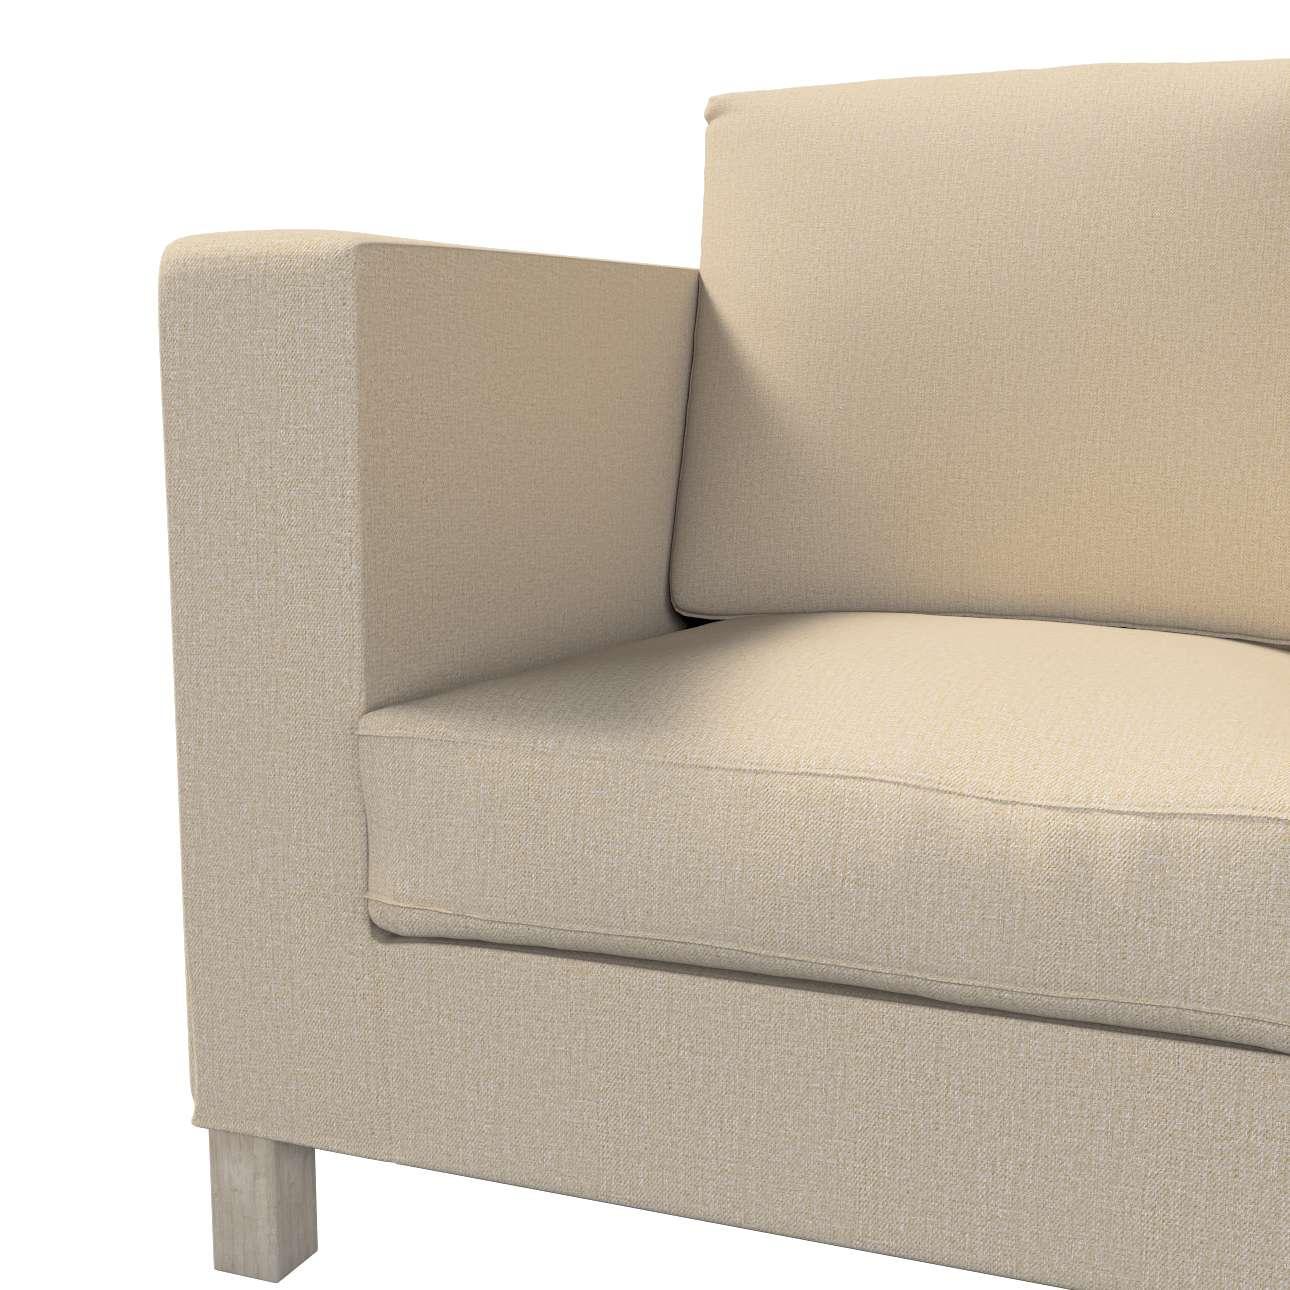 Pokrowiec na sofę Karlanda 3-osobową nierozkładaną, krótki w kolekcji Edinburgh, tkanina: 115-78